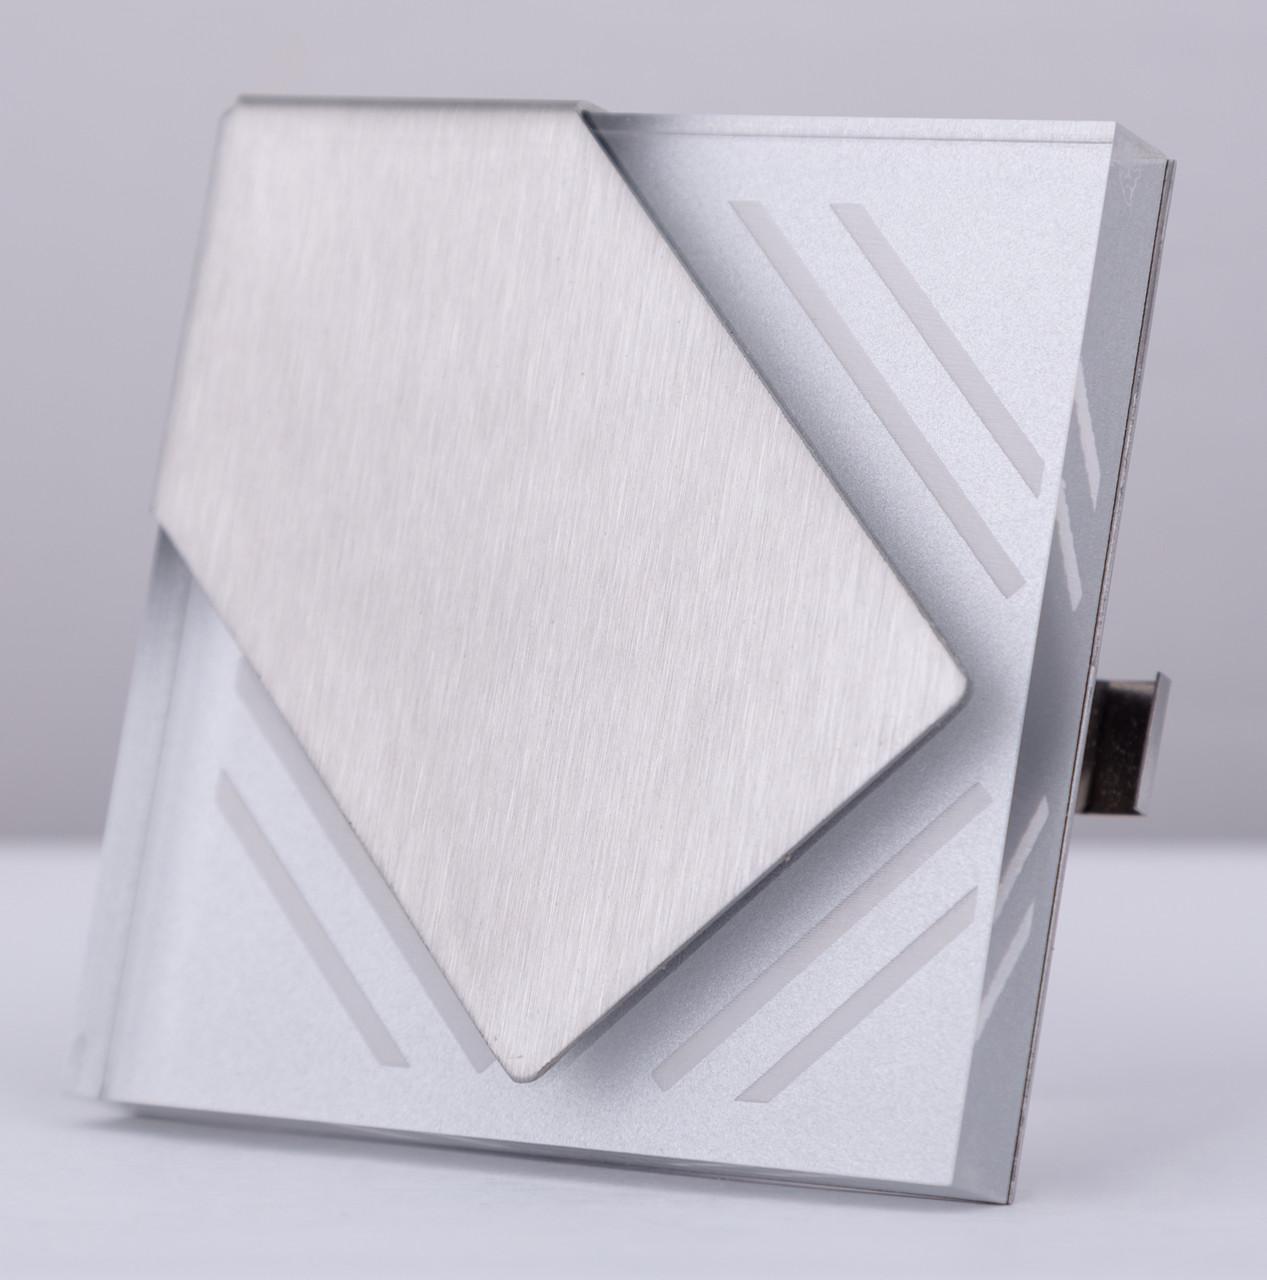 Подсветка LED декоративная Wave 04, алюминий, холодный белый